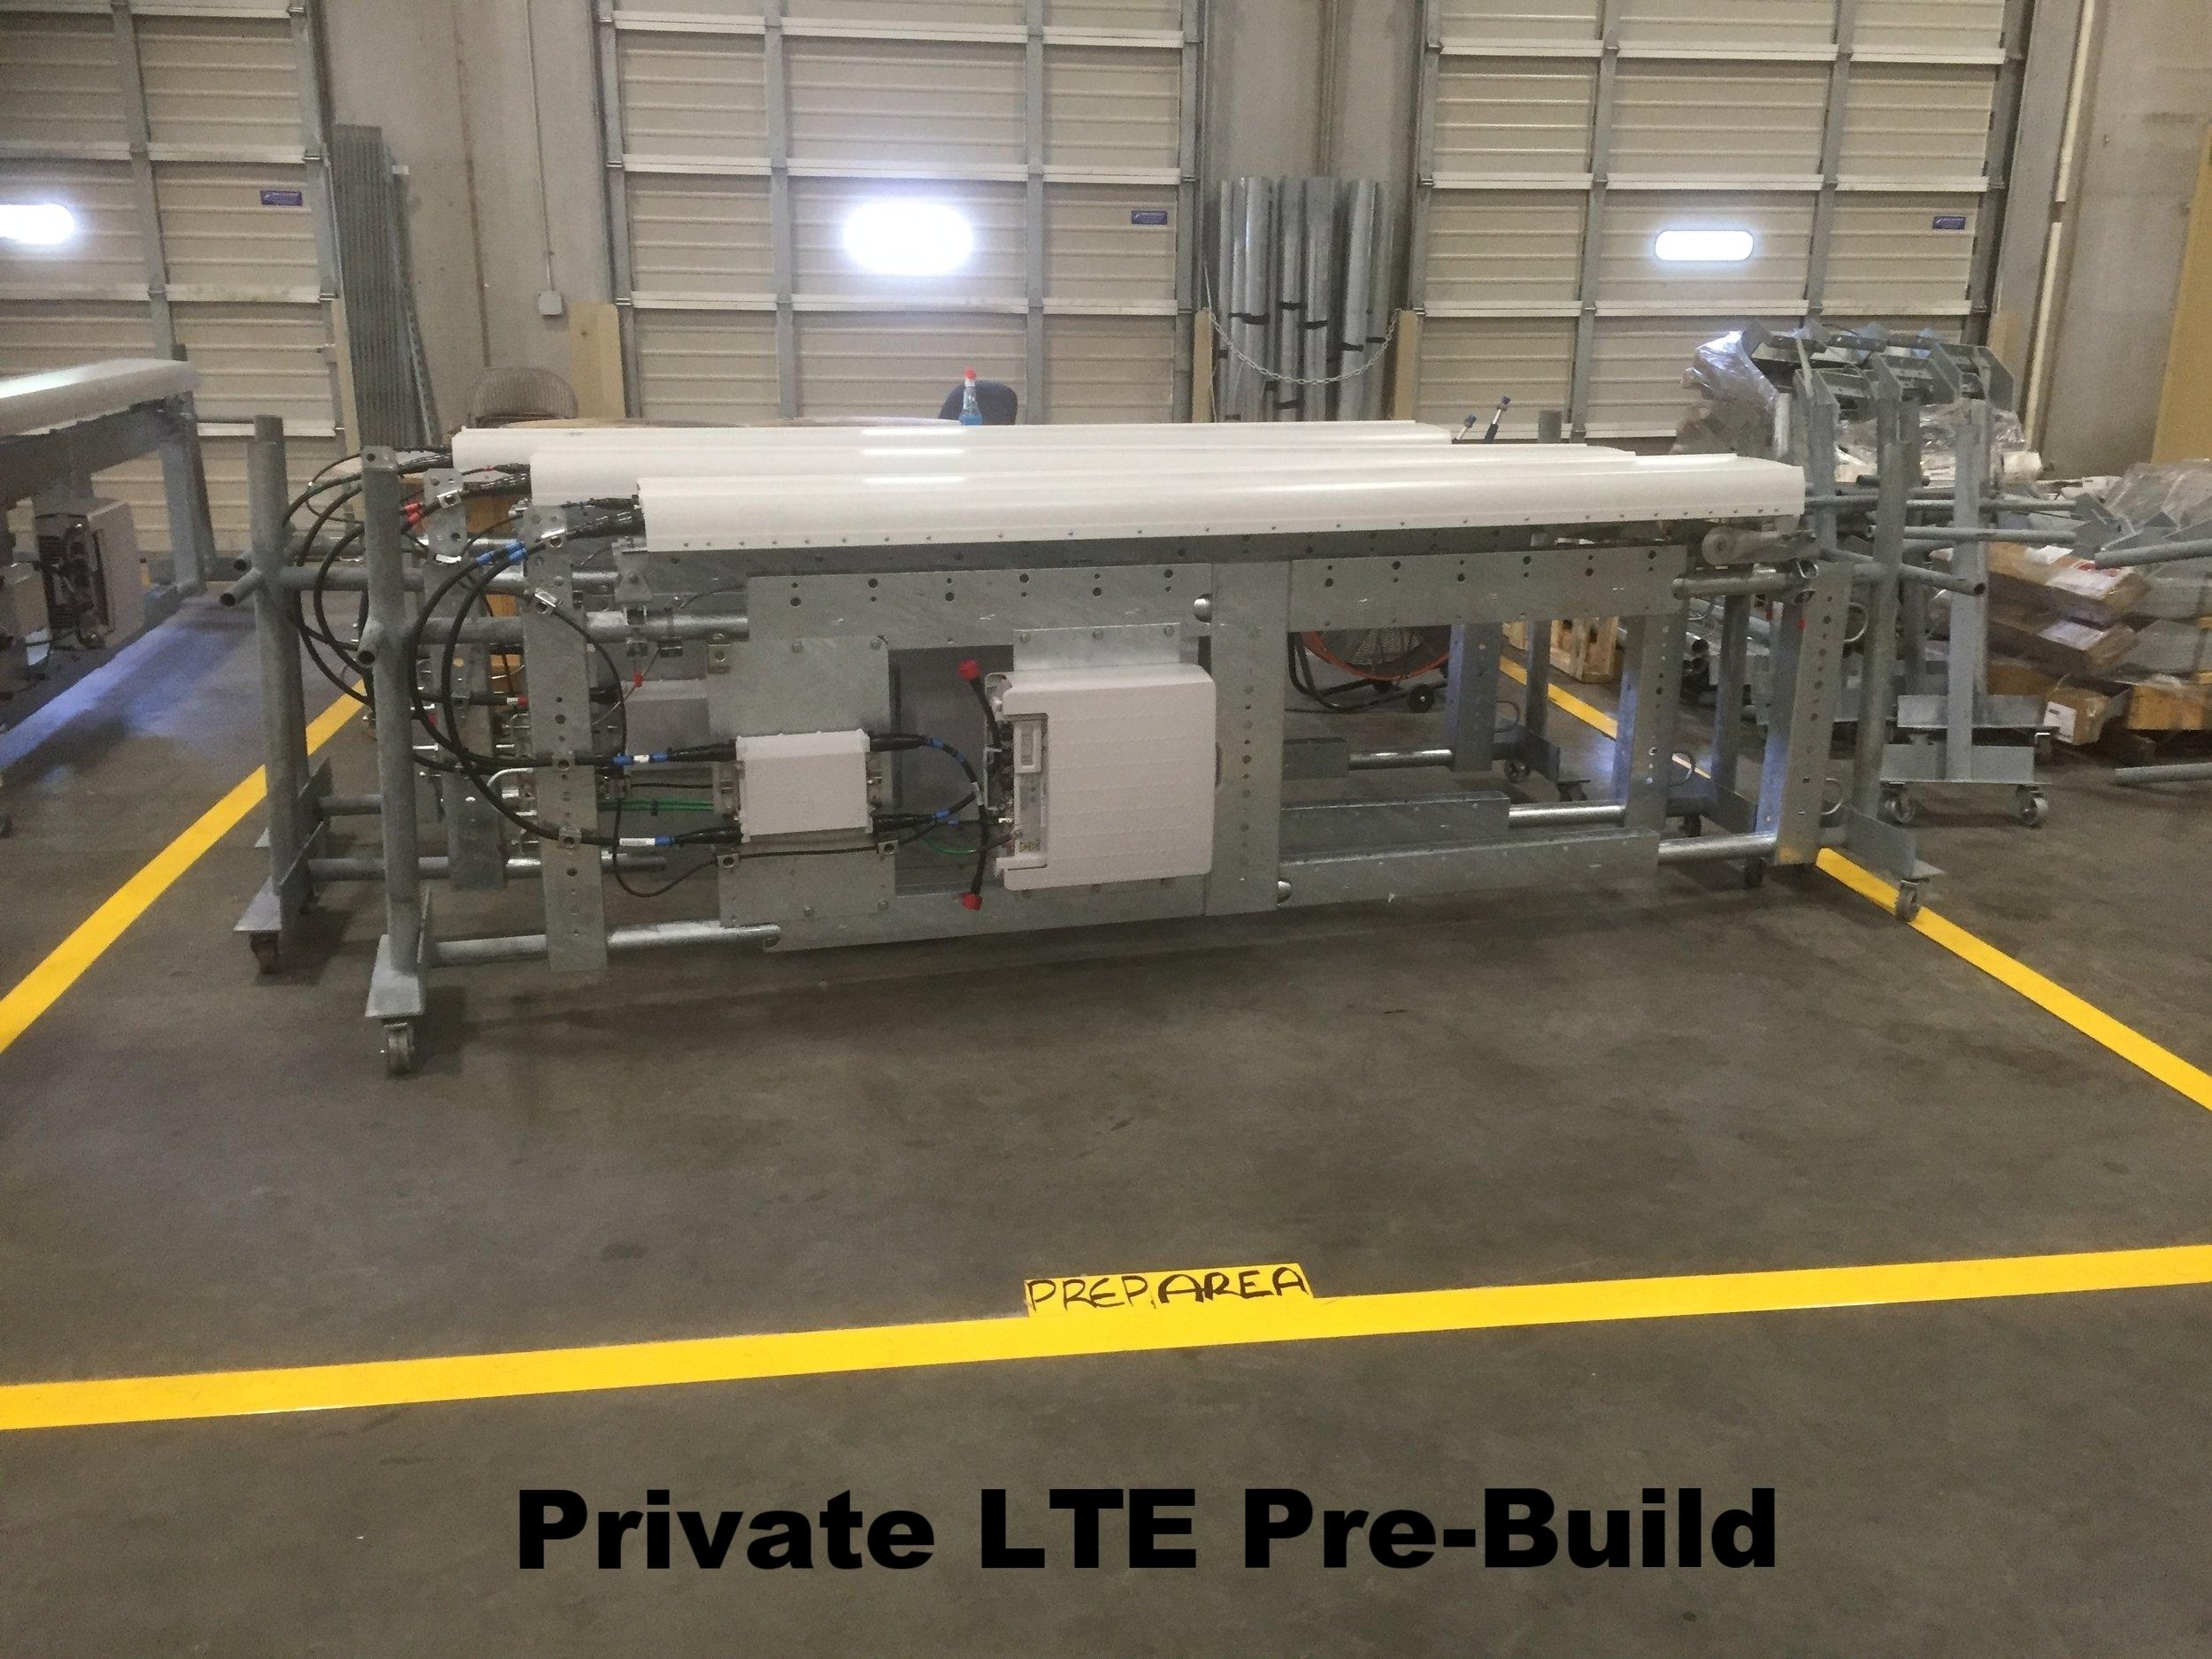 Copy of Private LTE Pre-Build